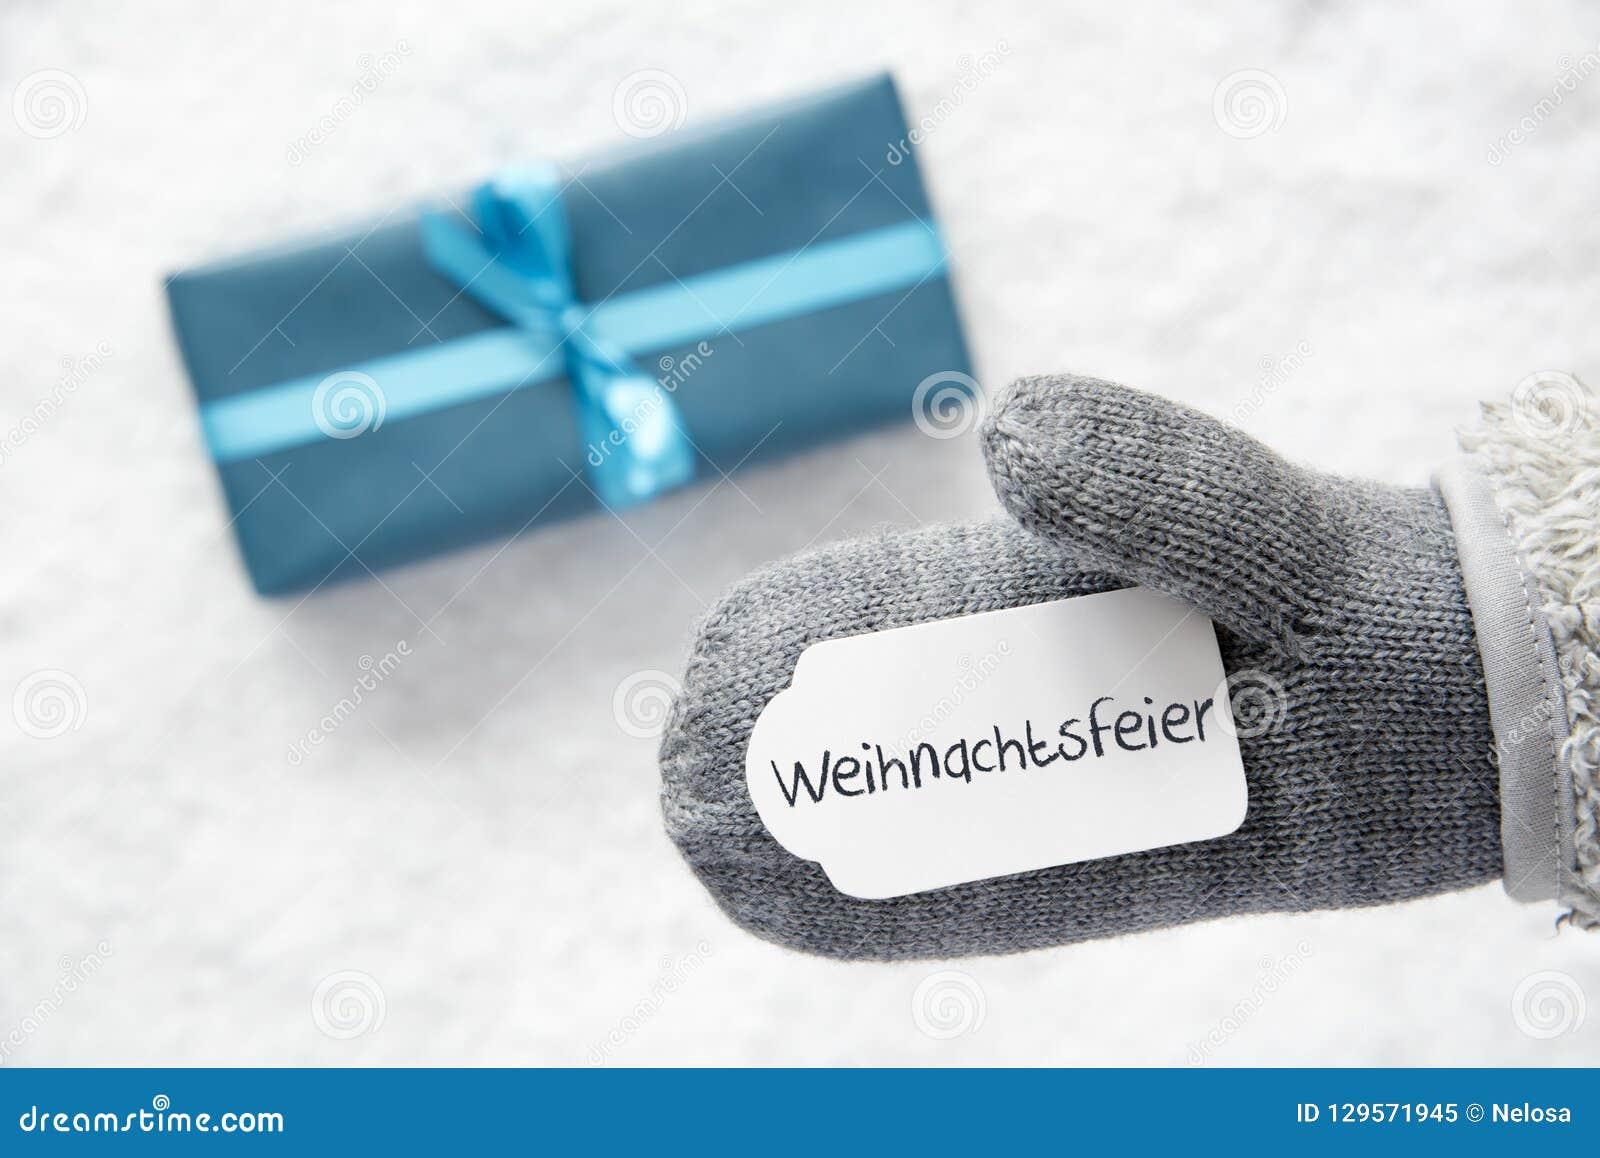 Turkusowy prezent, rękawiczka, Weihnachtsfeier Znaczy przyjęcia gwiazdkowego